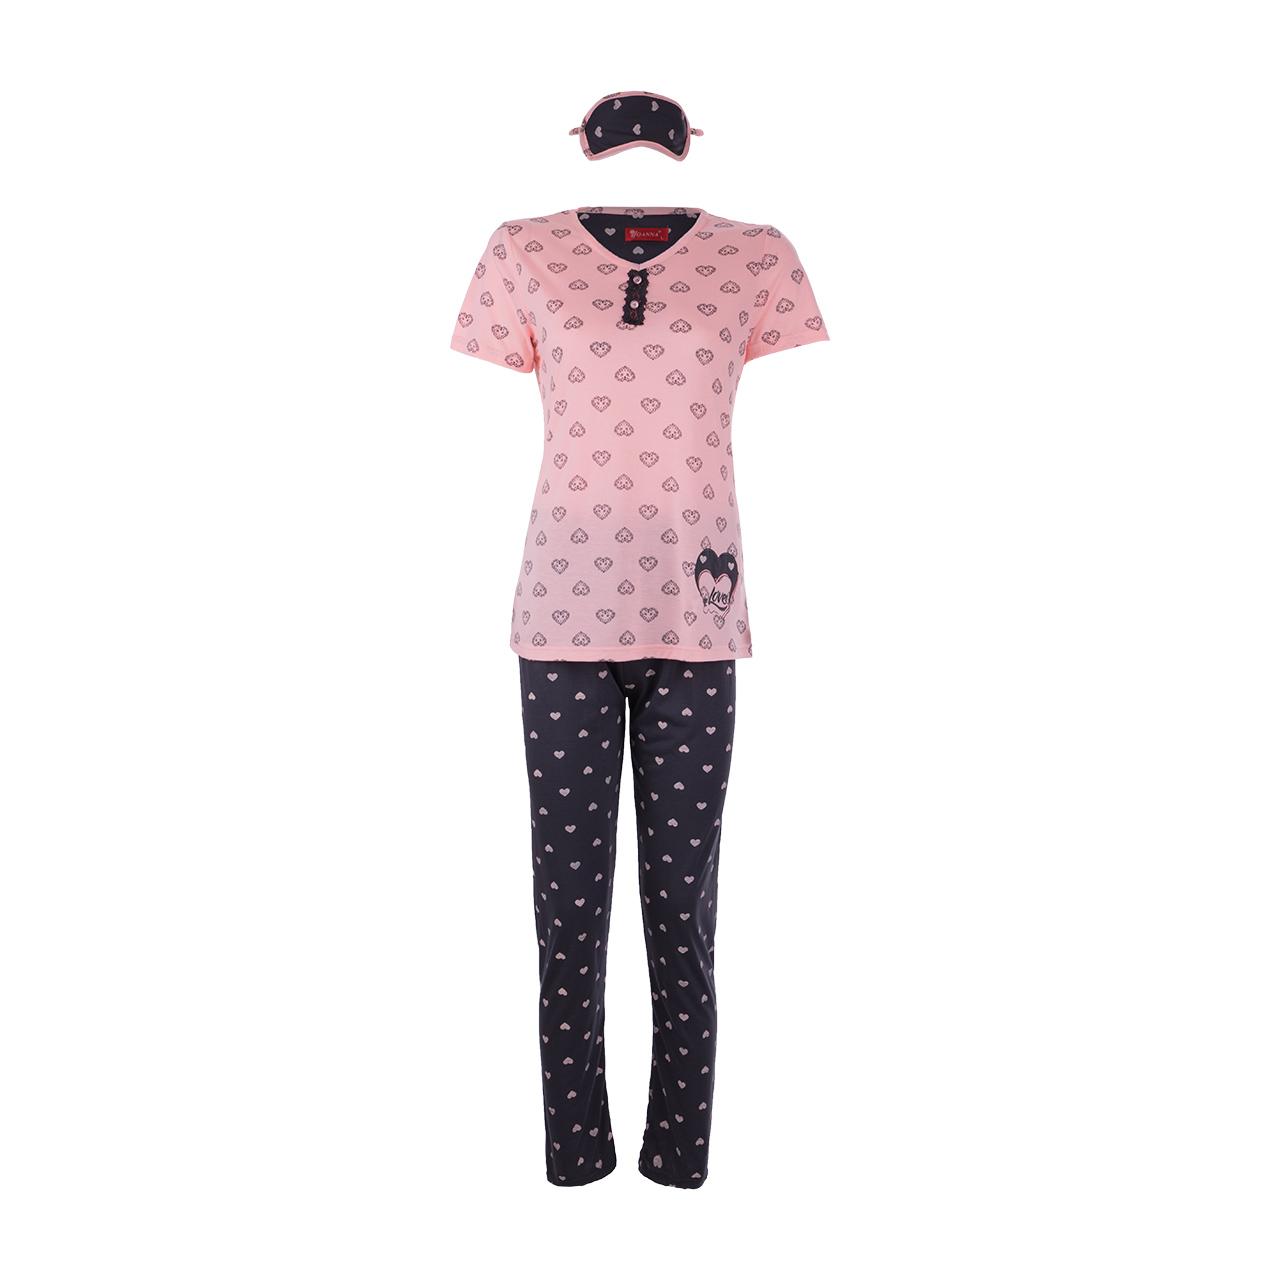 ست لباس راحتی زنانه جوانا مدل238805 |